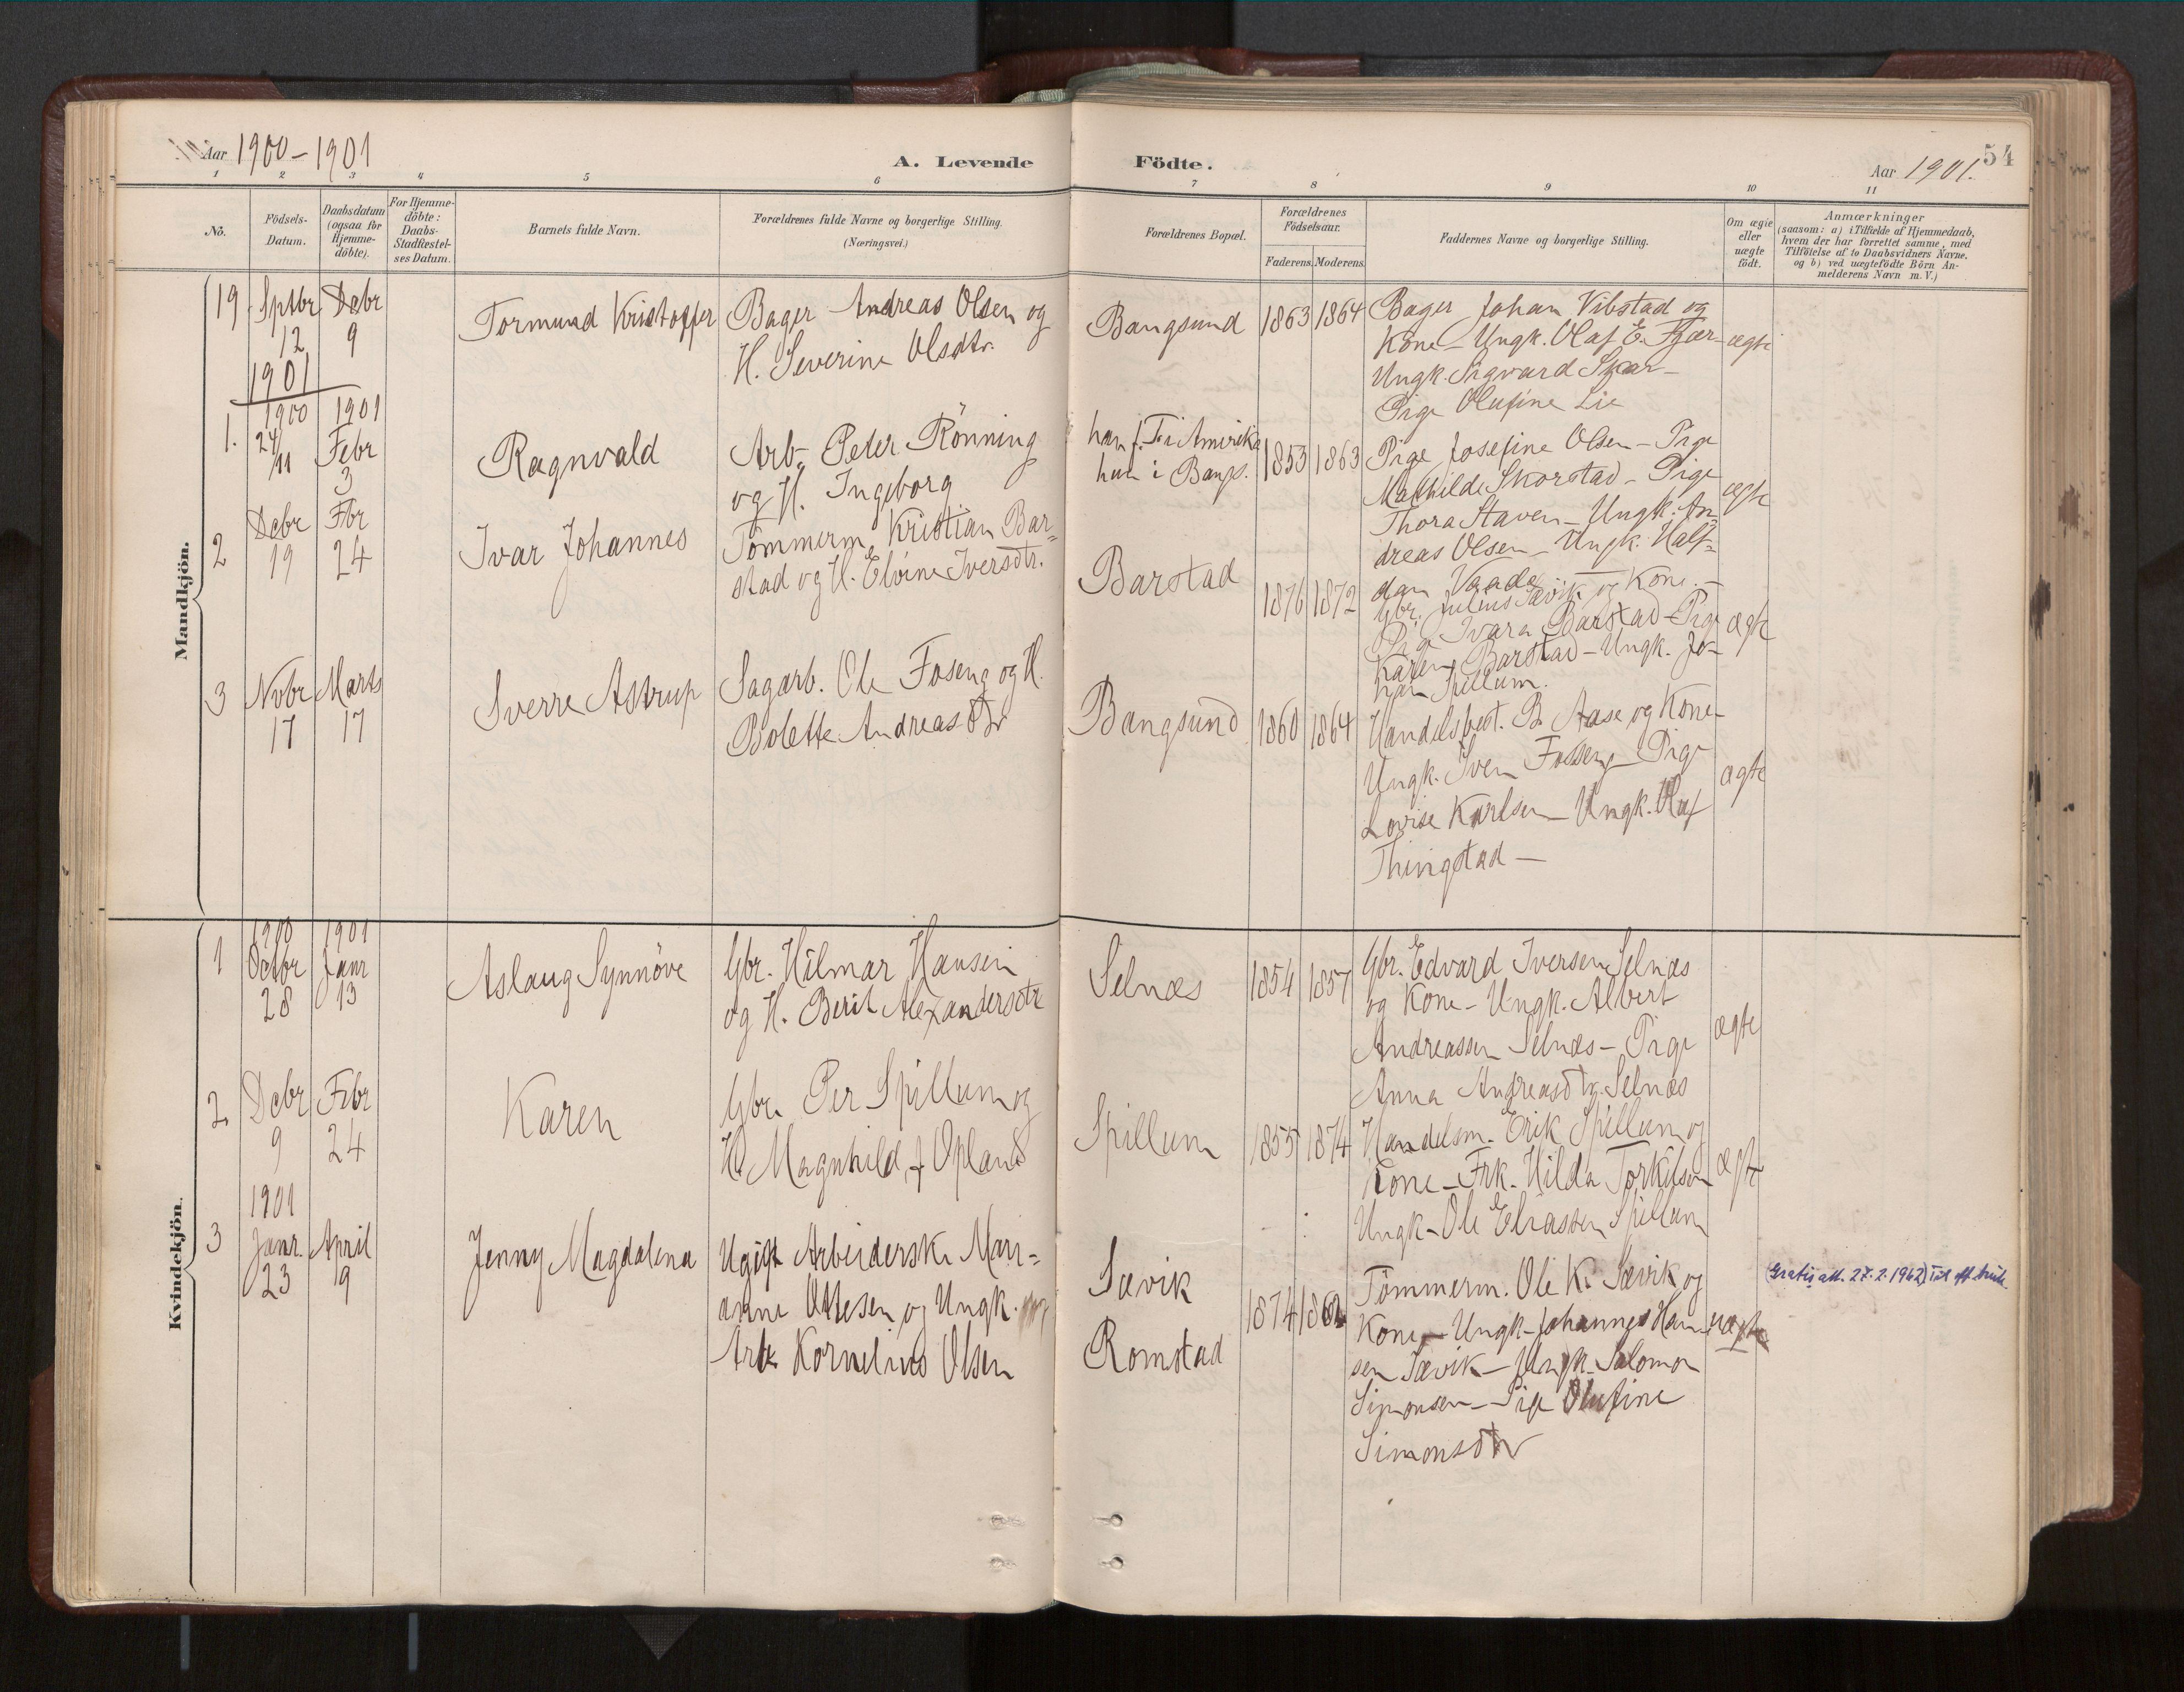 SAT, Ministerialprotokoller, klokkerbøker og fødselsregistre - Nord-Trøndelag, 770/L0589: Ministerialbok nr. 770A03, 1887-1929, s. 54